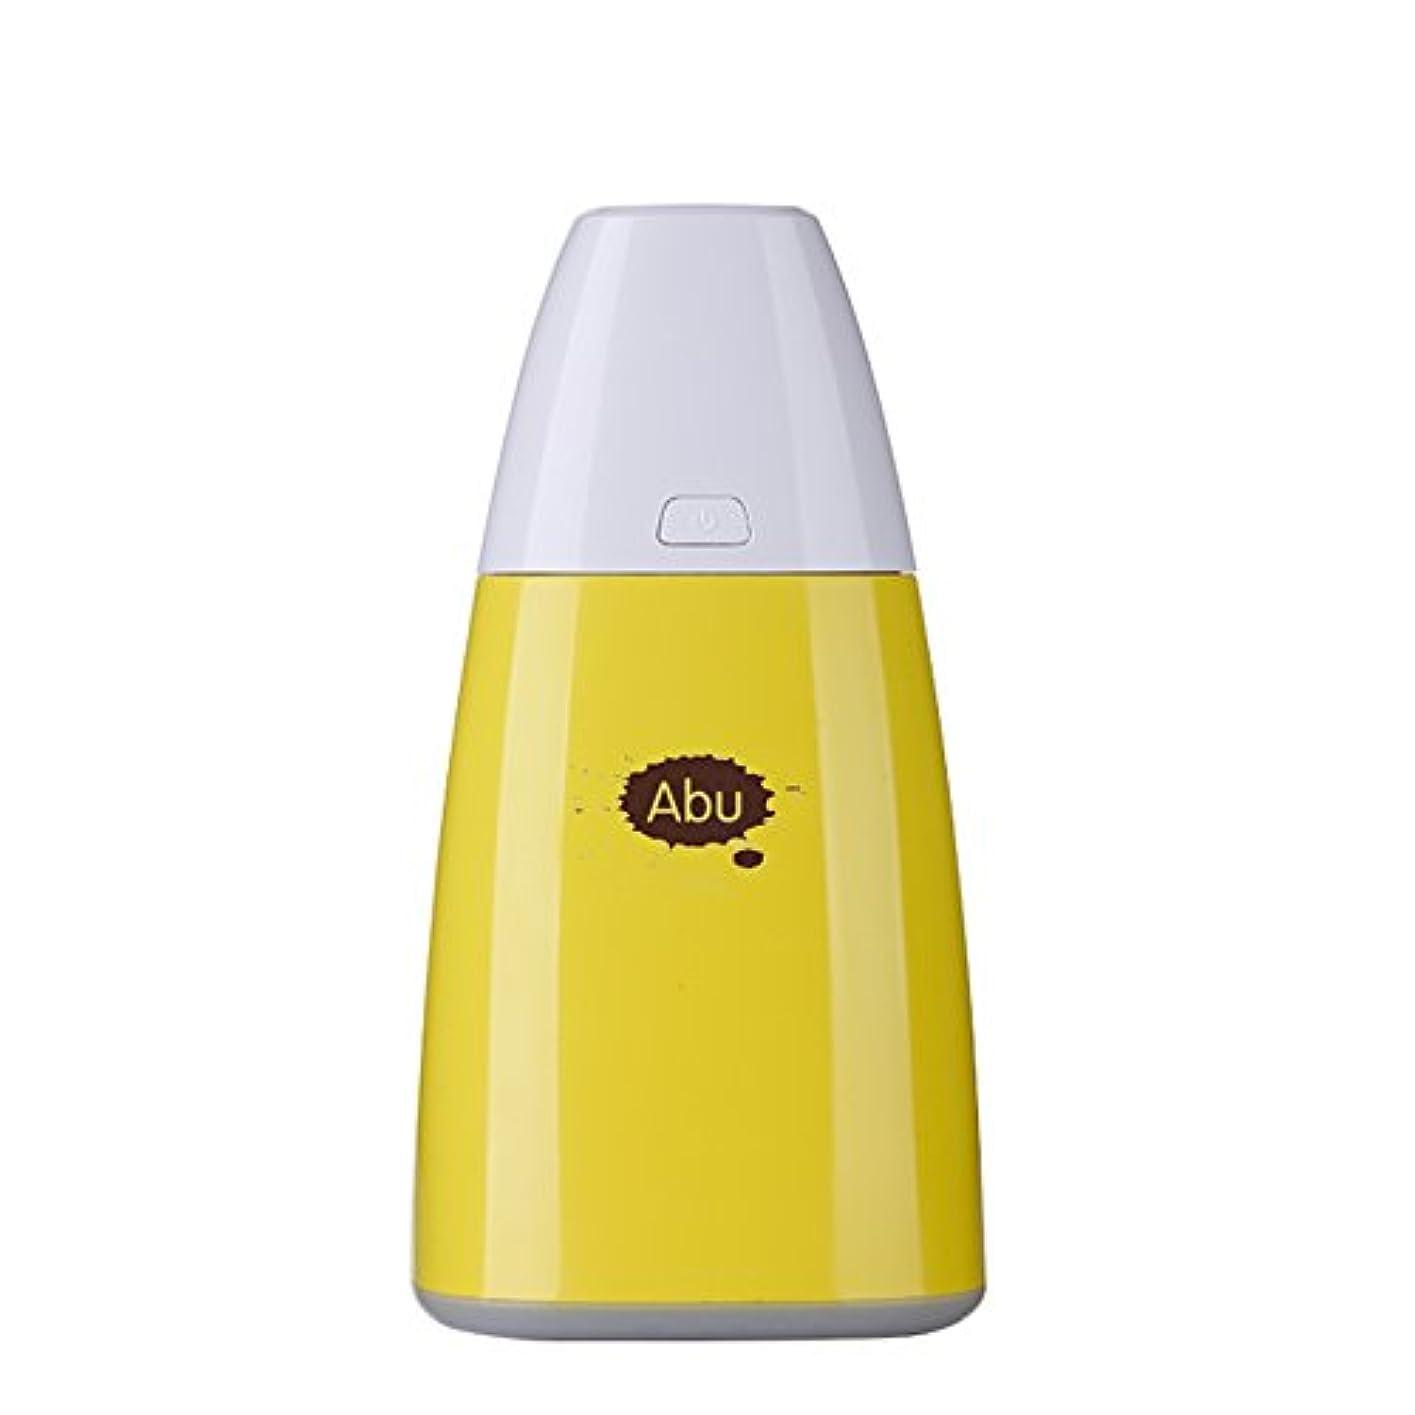 品種神のタールRakuby 250ml USBポータブル アロマ セラピーエッセンシャルオイル ディフューザー ミニ 超音波 クールミスト加湿器 カラフル LEDライト ホームオフィス 寝室用